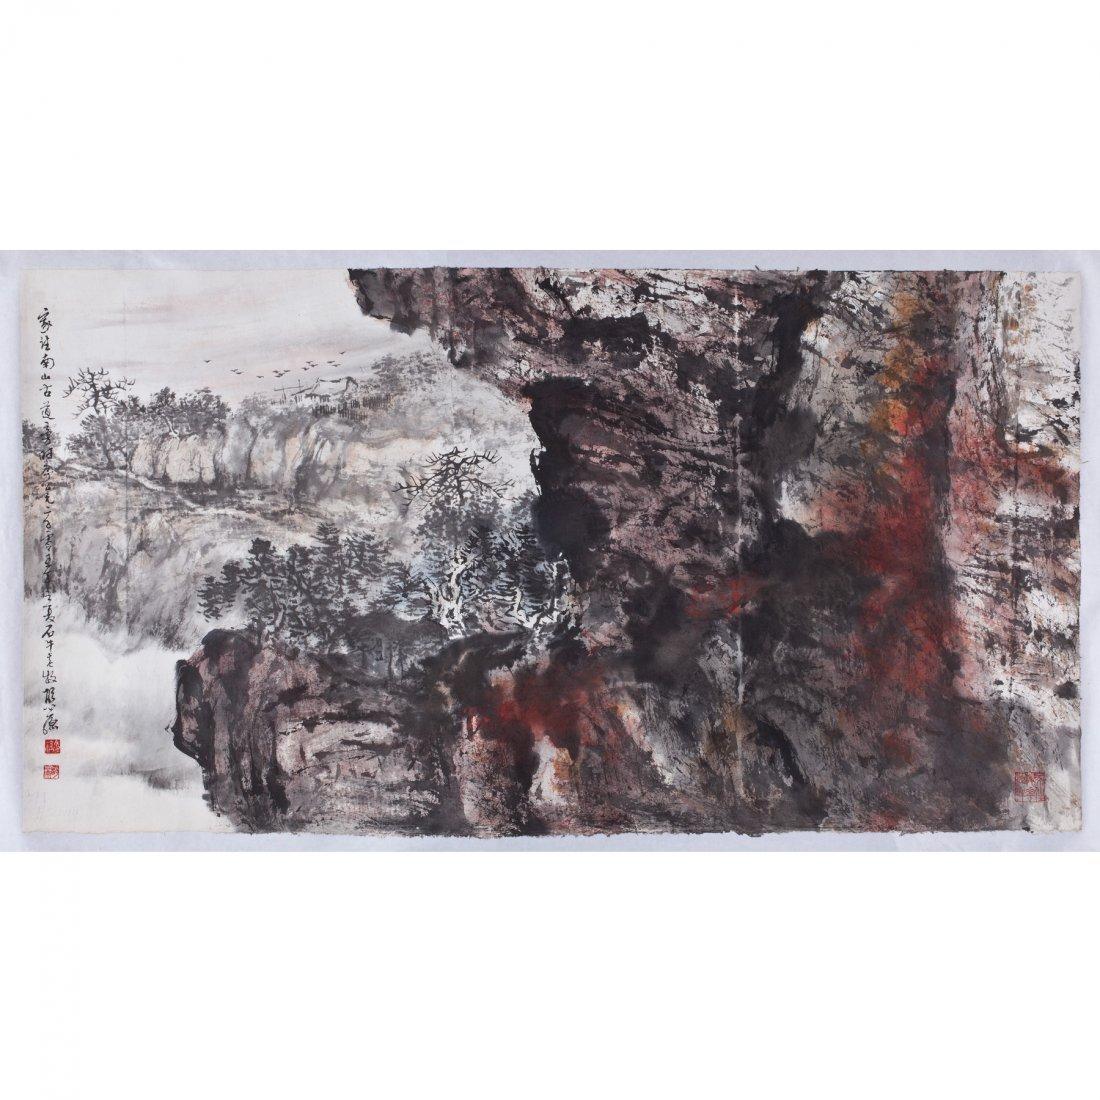 MOUNTAIN BY HU NIANZU (1927- )